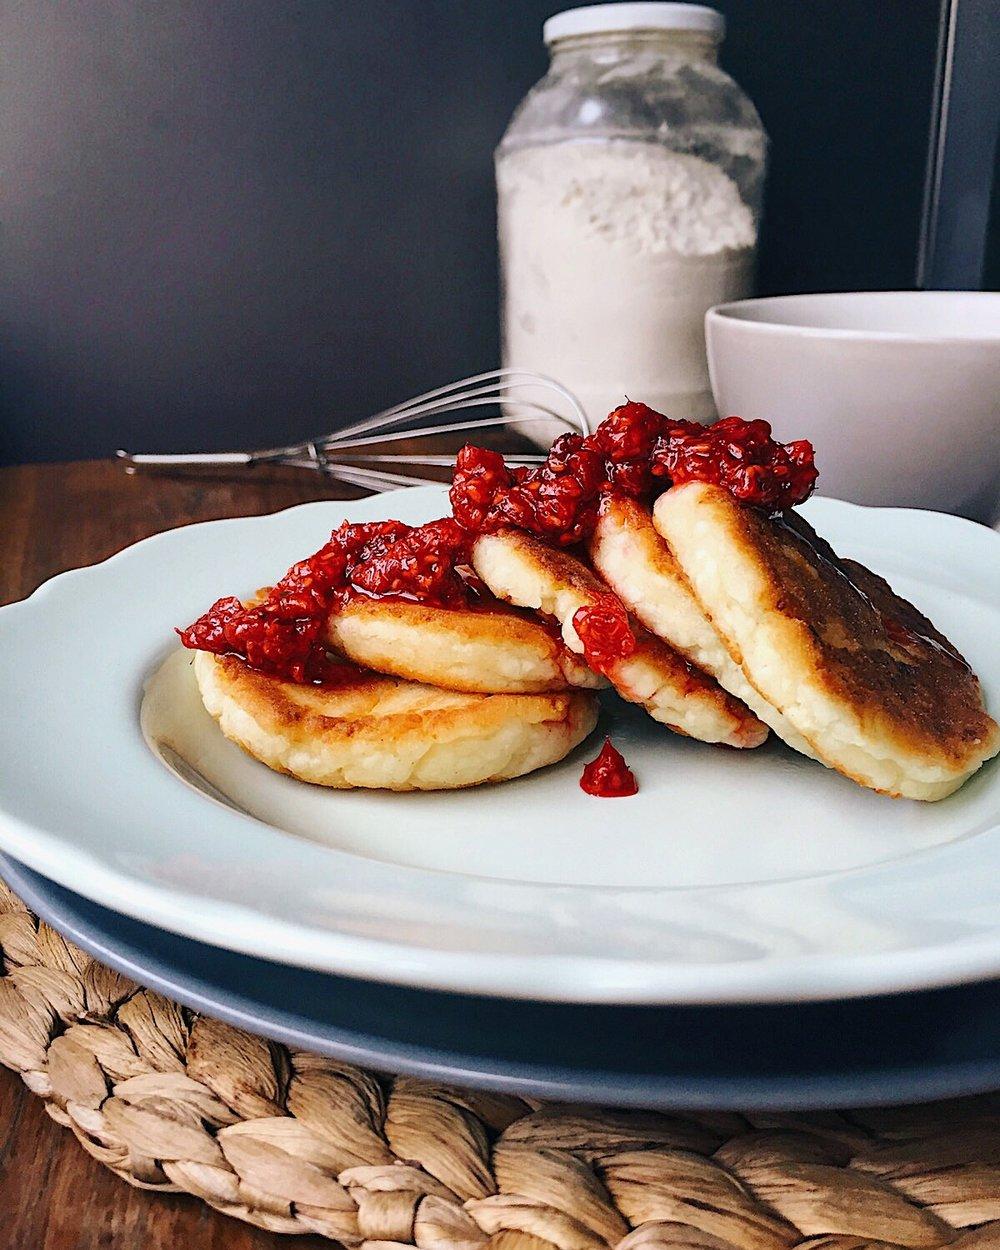 visgardākie biezpiena plācenīši saulainām brokastīm - iedomājies - no rīta ievelties virtuvē, vārīt ūdeni kafijai, bet pēc nepilnām 20 minūtēm iznākt no tās ārā laimīgam, kafiju padzērušam un labi paēdušam. vai nav skaisti? te ir recepte, lai pagatavotu burvīgus biezpiena plācenīšus, bet par kafiju gan būs jāparūpējas pašiem. lai mums visiem daudz skaistu rītu!